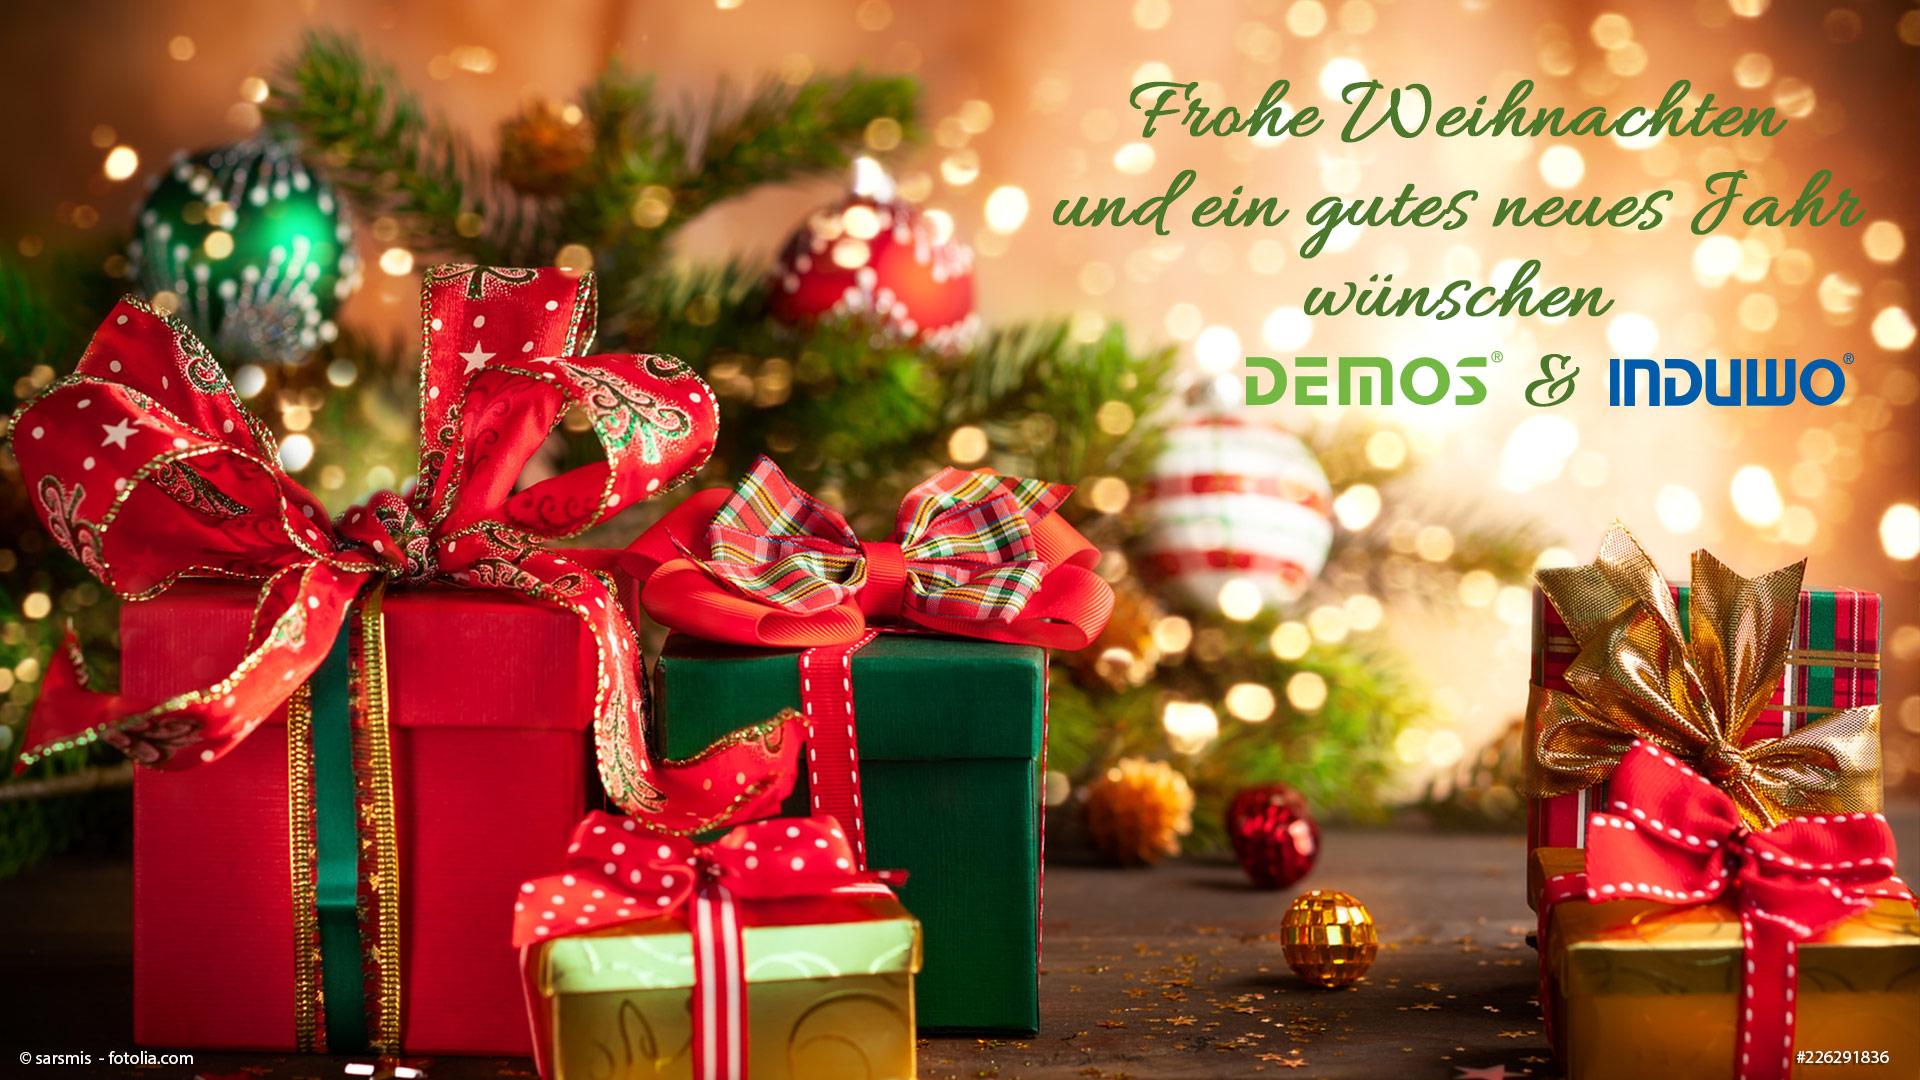 Ein frohes Weihnachtsfest und ein gutes neues Jahr